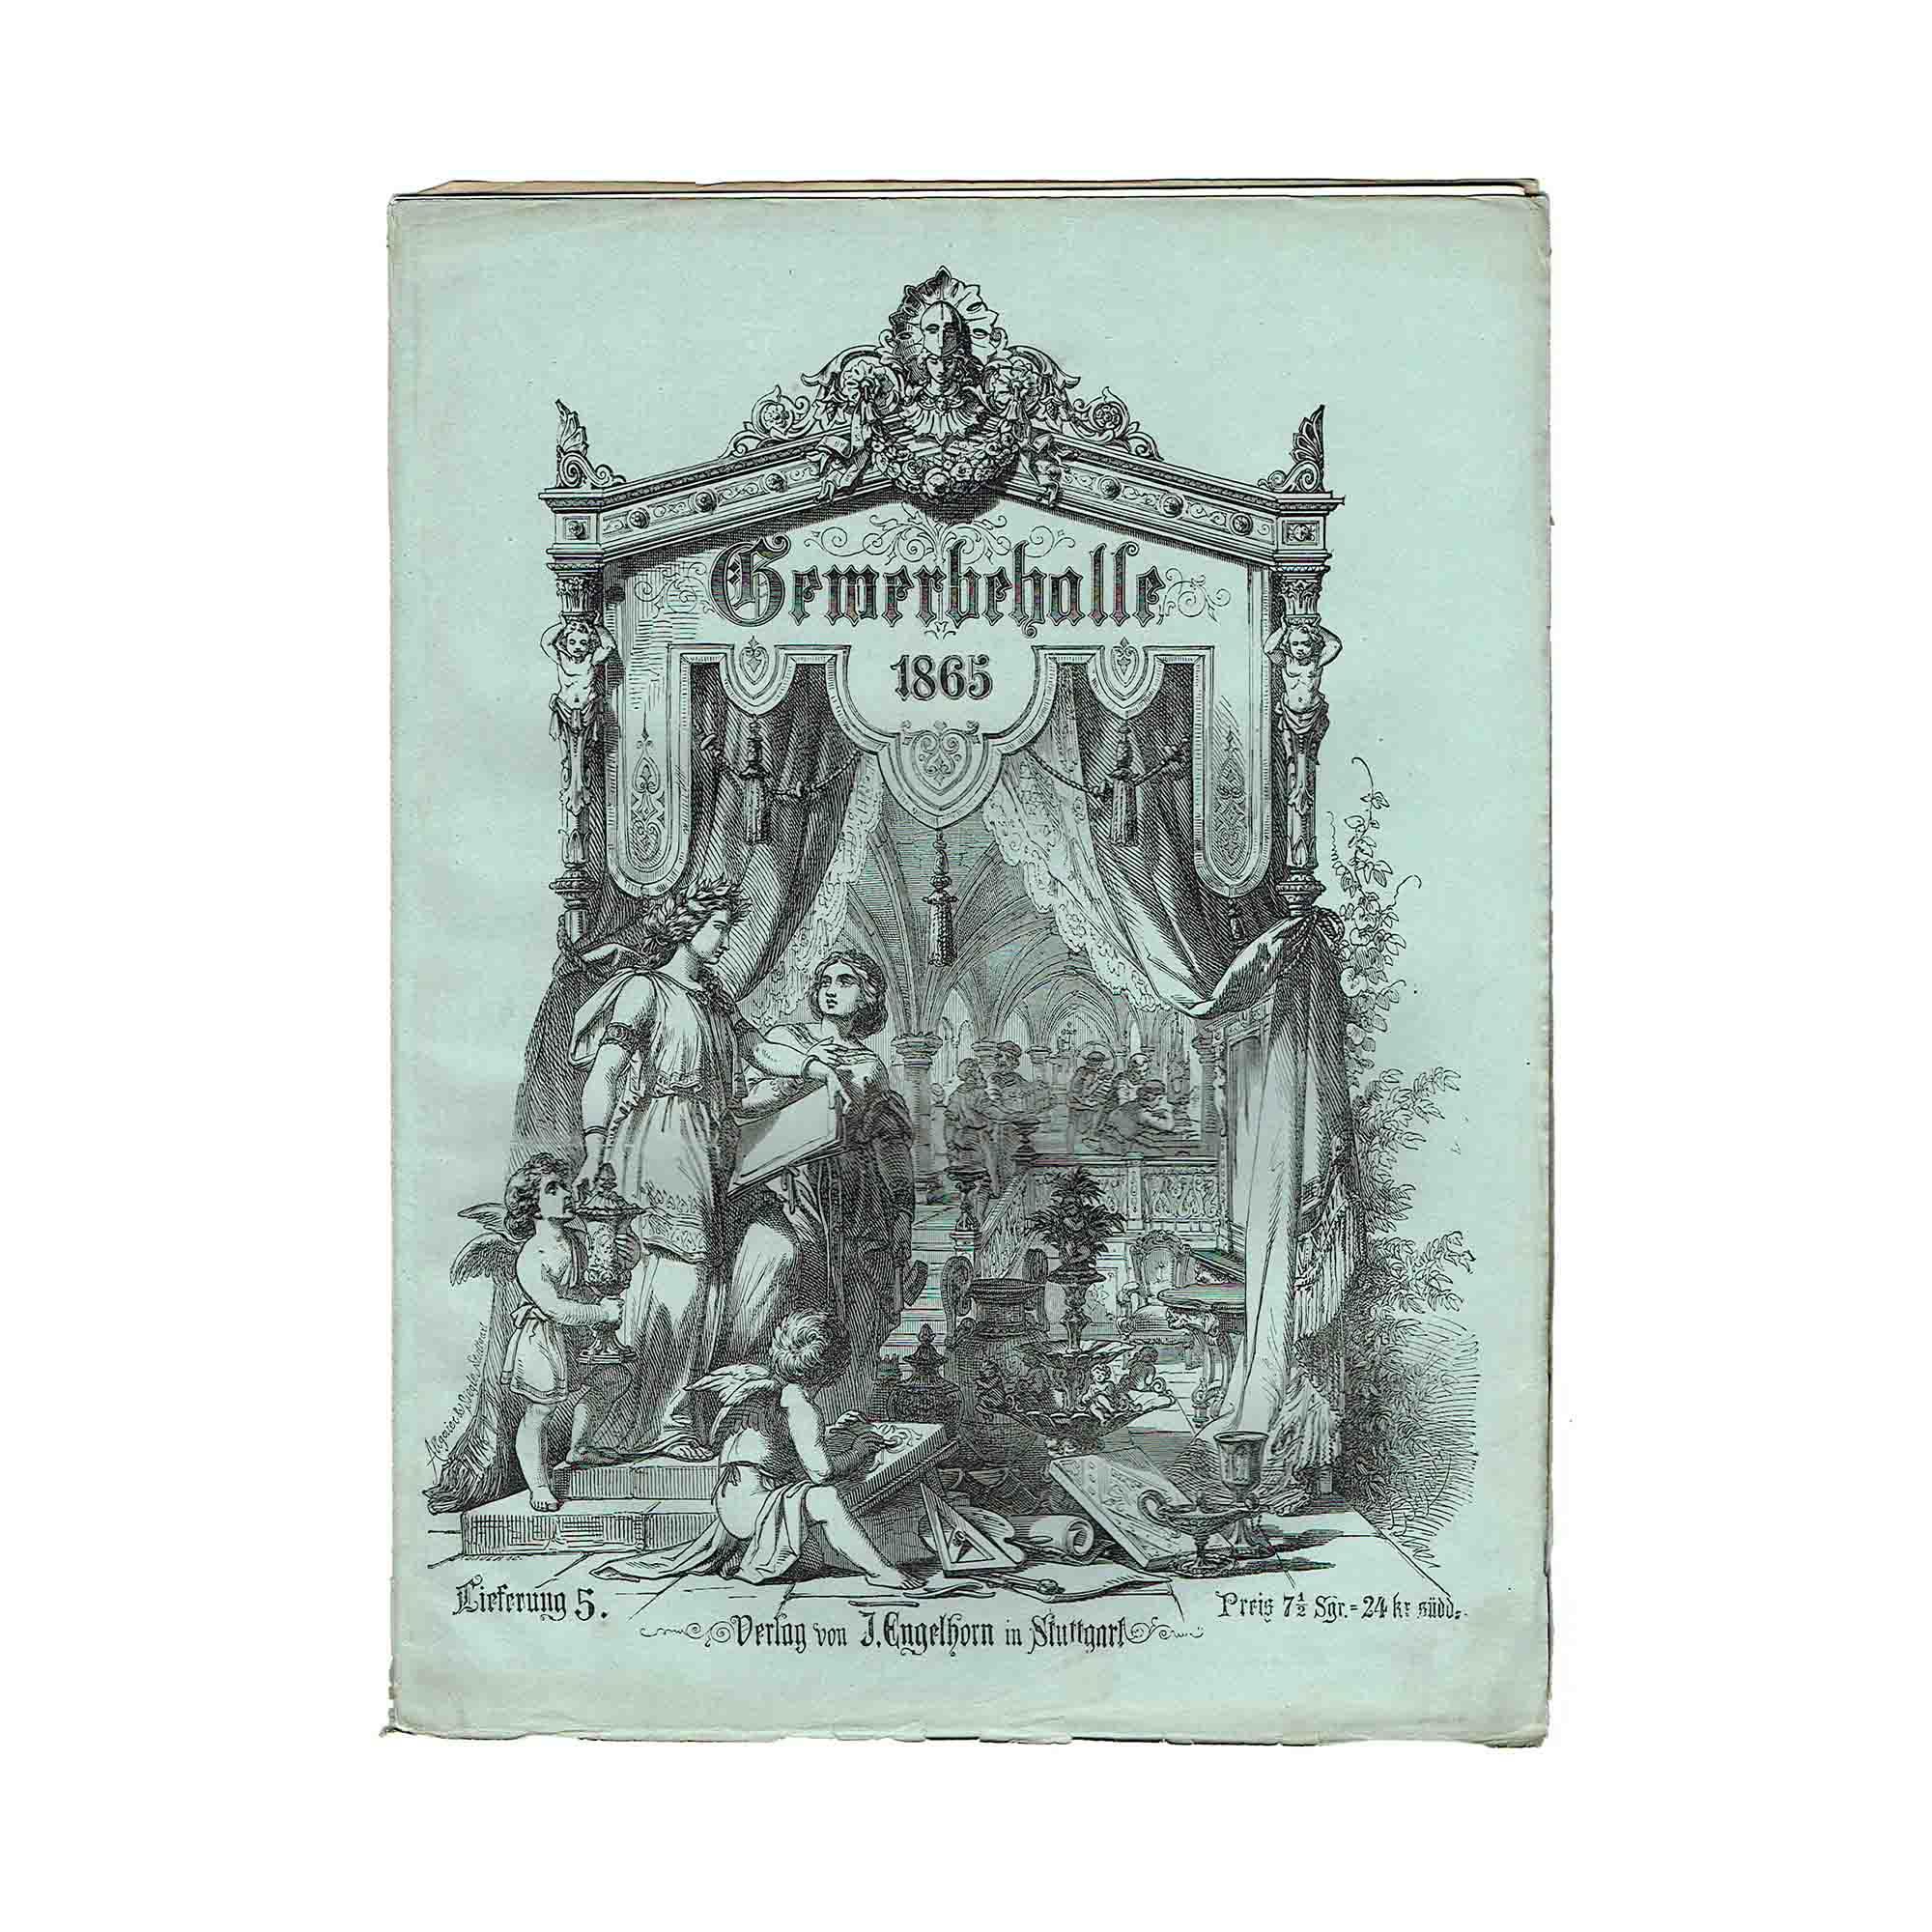 5391-Gewerbehalle-1865-Umschlag-Lieferung-5-N.jpg